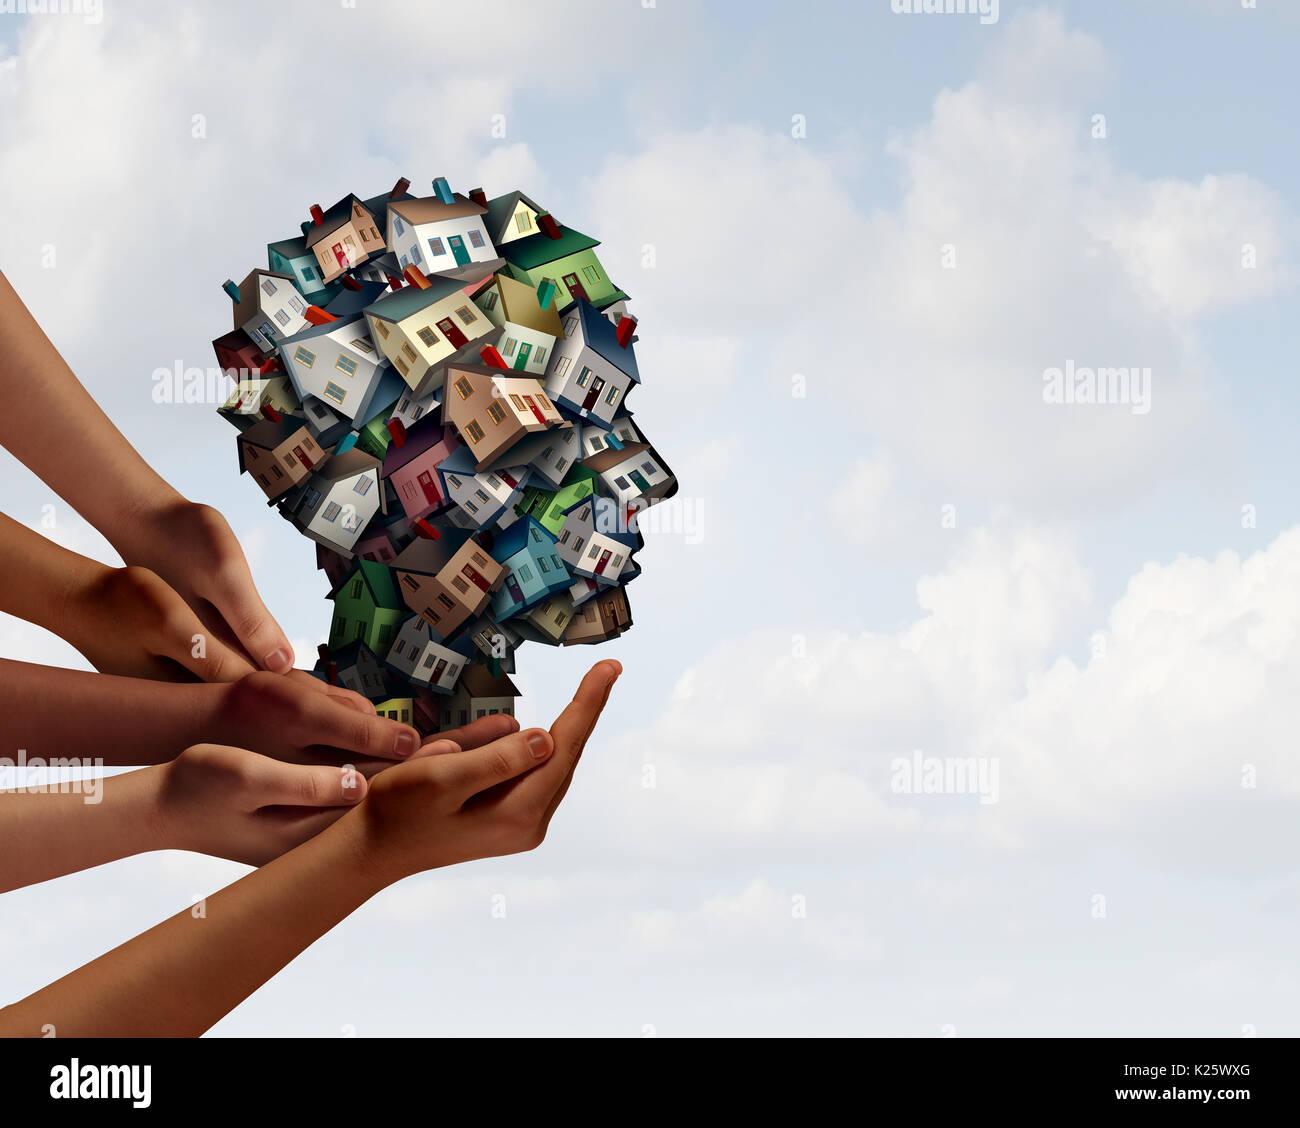 Grupo de agentes de la industria de bienes raíces y símbolo Home Mortgage Broker del concepto de equipo con manos humanas a apoyar a un grupo de hogares o viviendas. Imagen De Stock